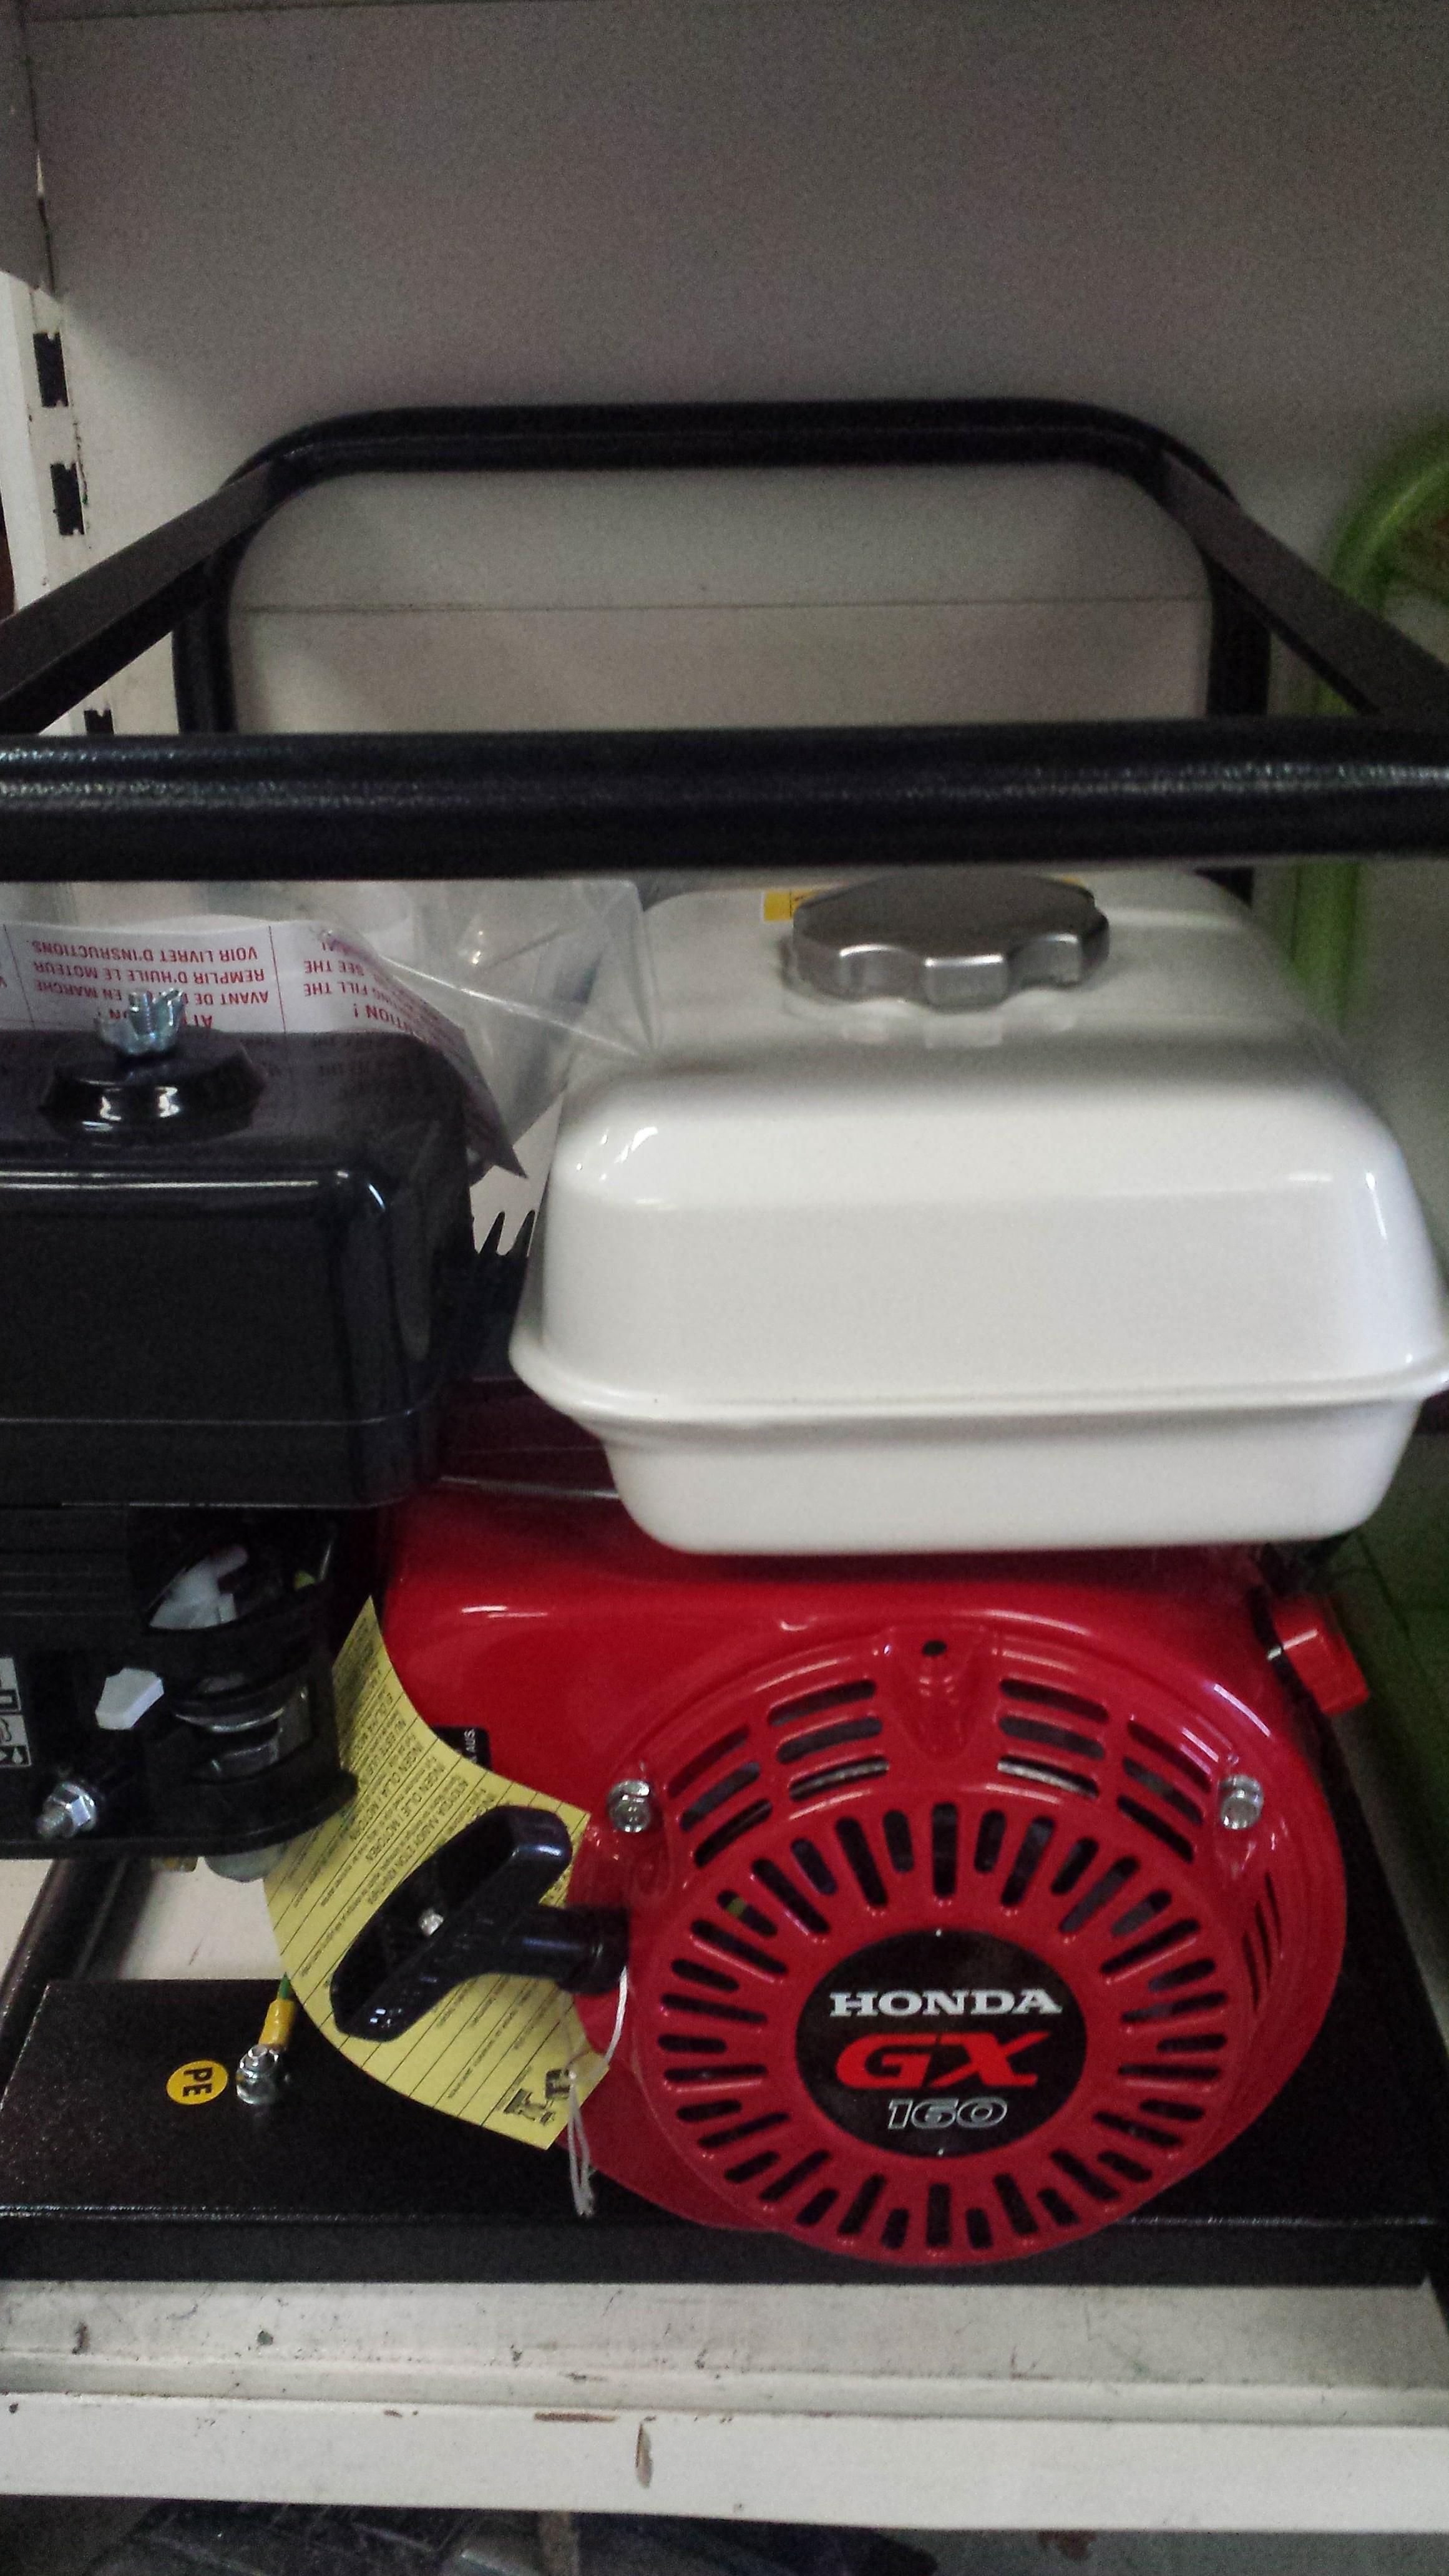 Honda GX 160 2.8kva Pramac Generator - Mac Plant Sales